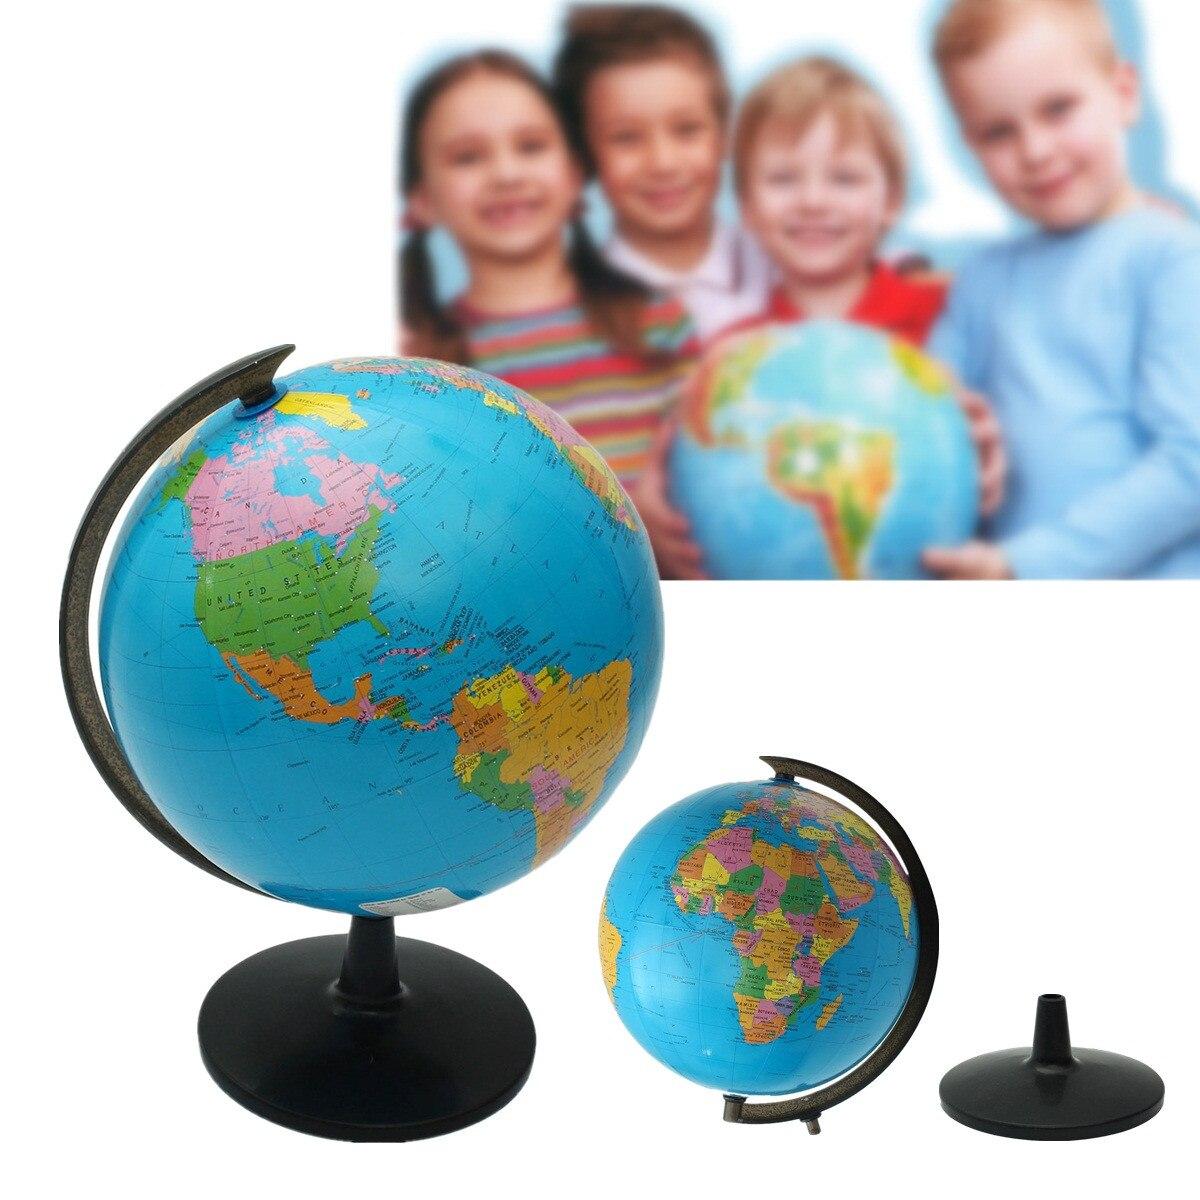 32 cm monde Globe carte enfants géograpie jouets éducatifs fournitures scolaires étudiants récompense cadeau maison bureau décorations de bureau